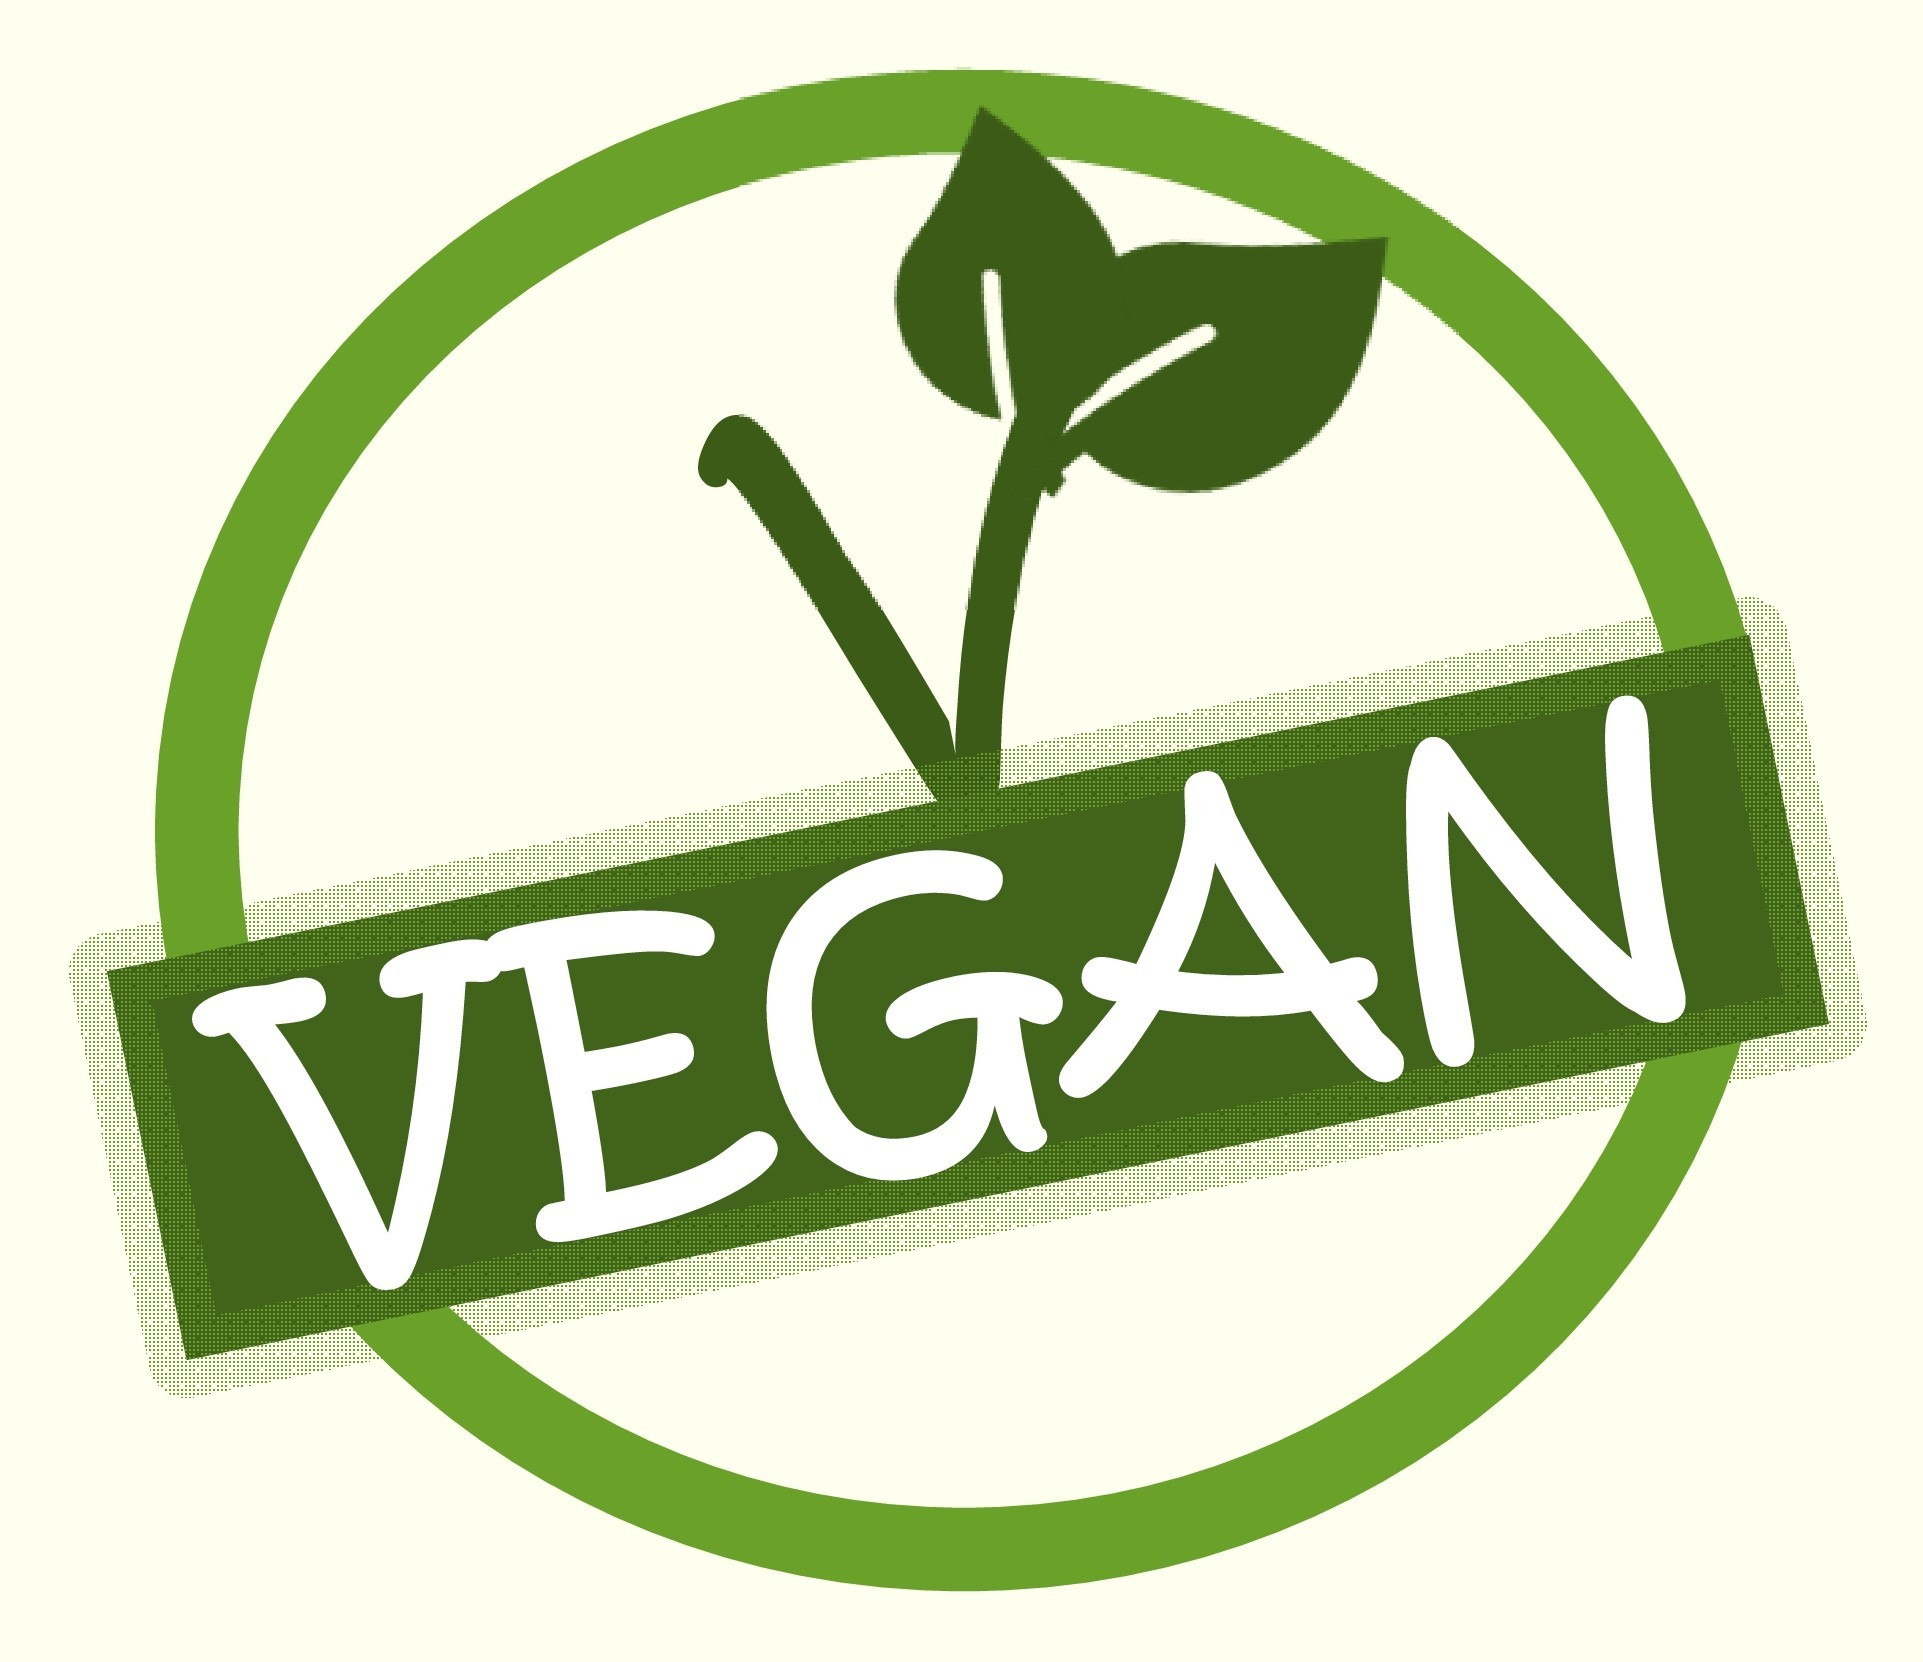 logo_vegan_simple